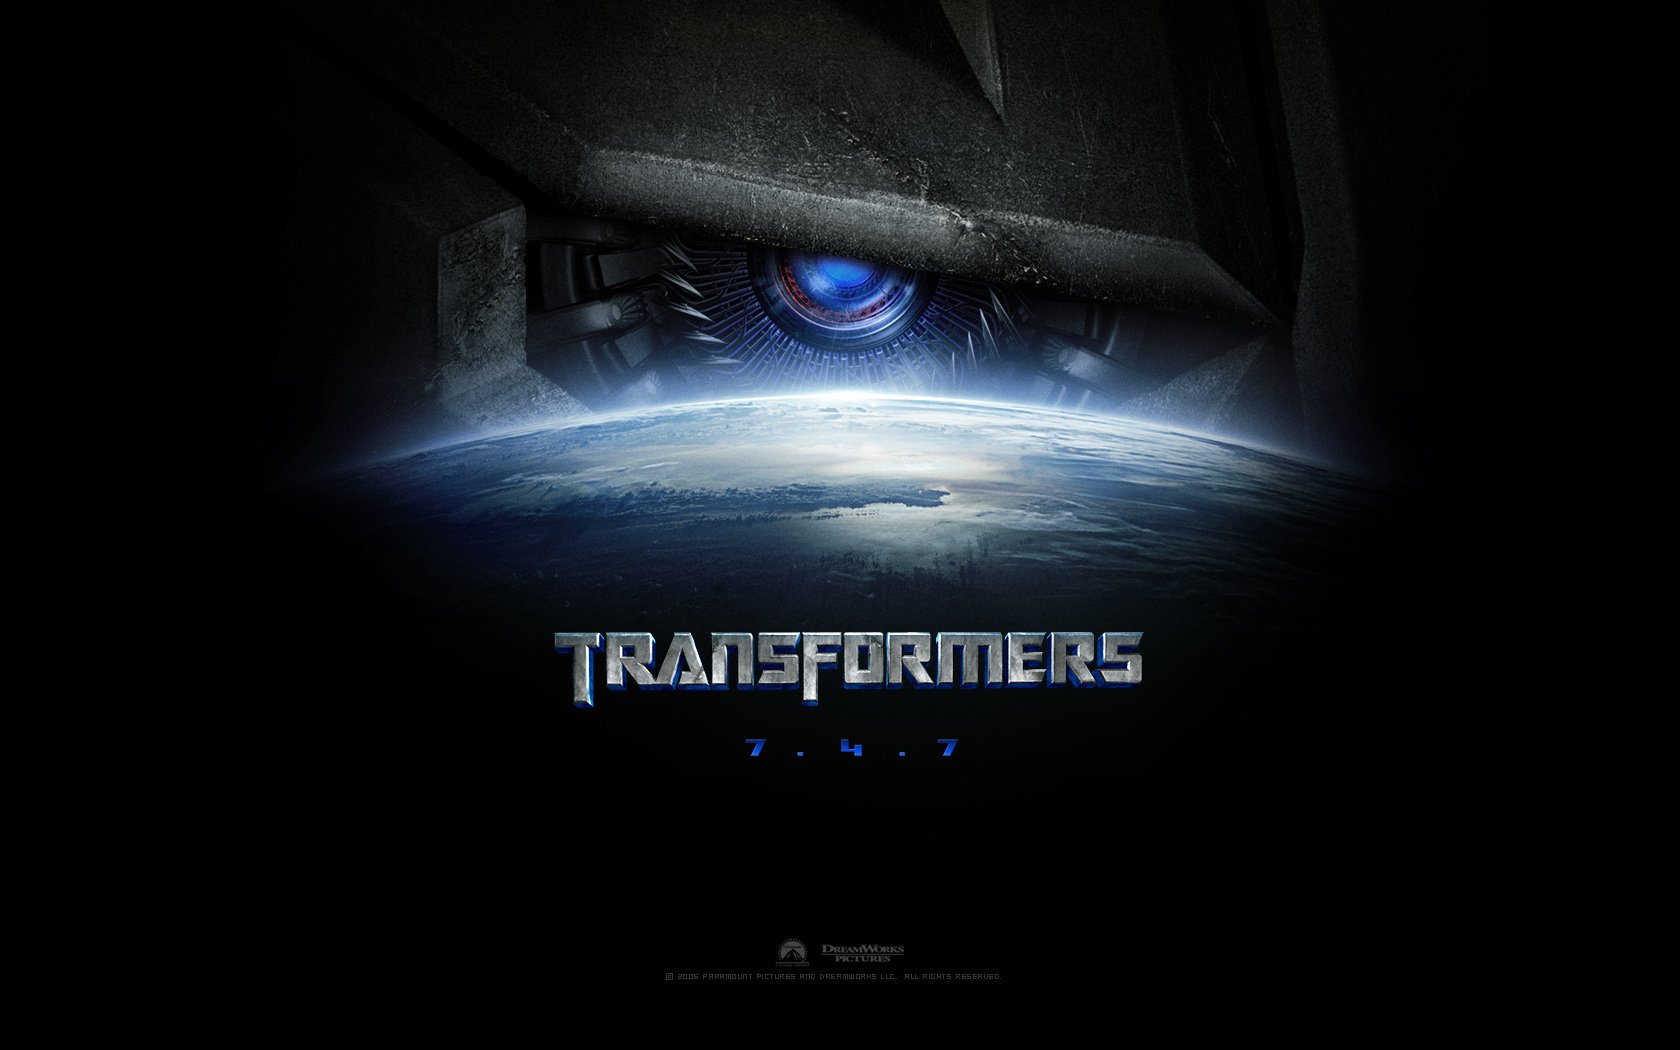 Кино - Трансформеры  Обои